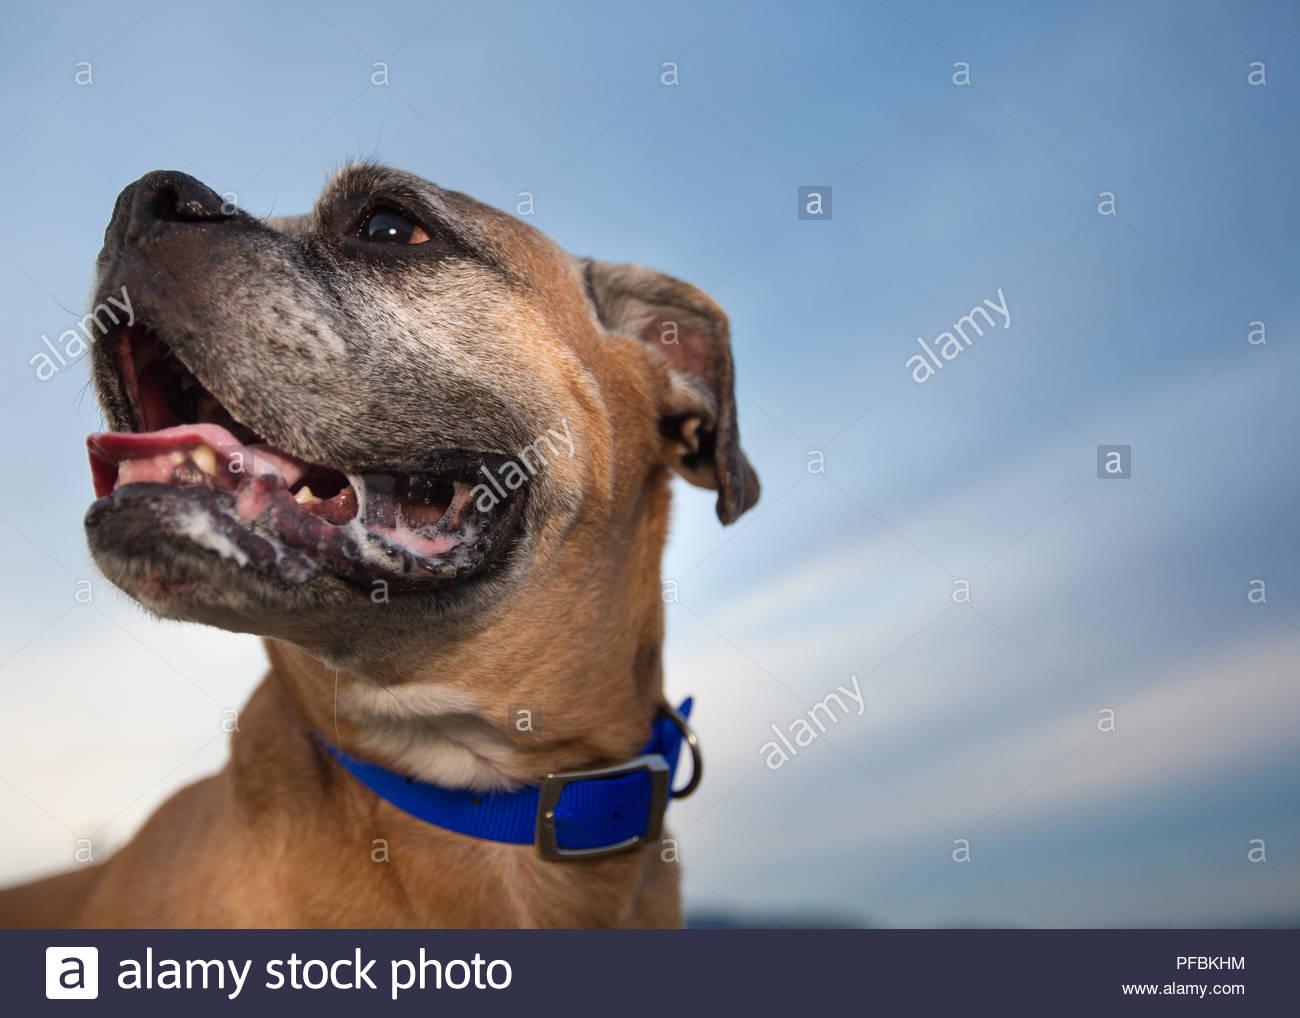 Nahaufnahme von Braun Senior Boxer Hund lächelnd vor einem strahlend blauen Himmel Stockbild